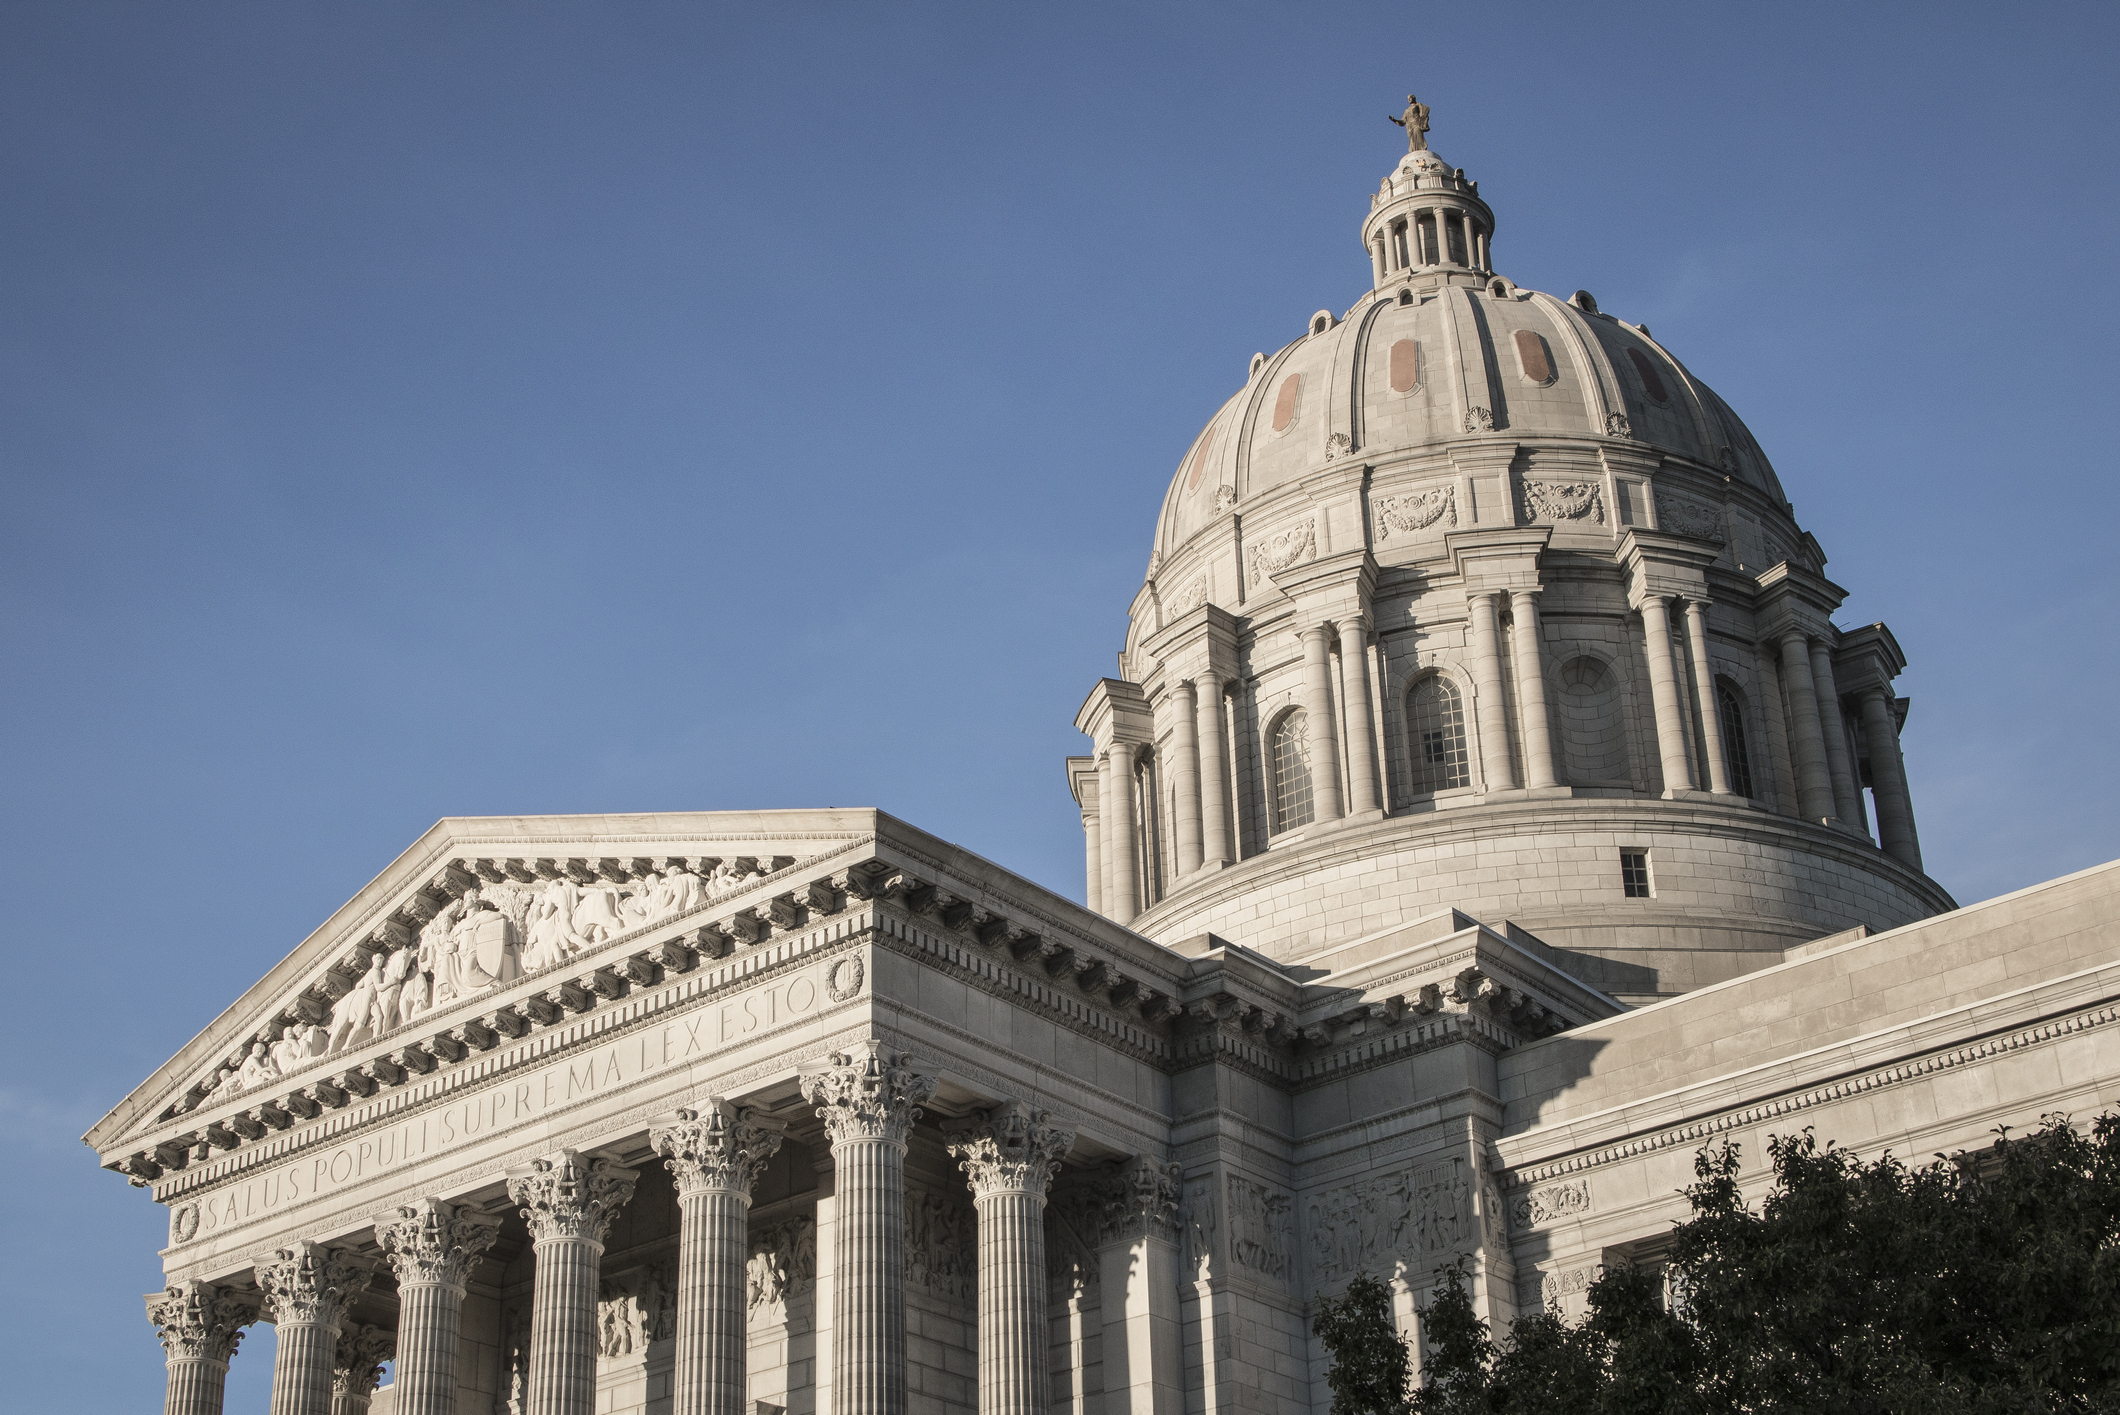 Missouri state capitol building dome in Jefferson City, Missouri.